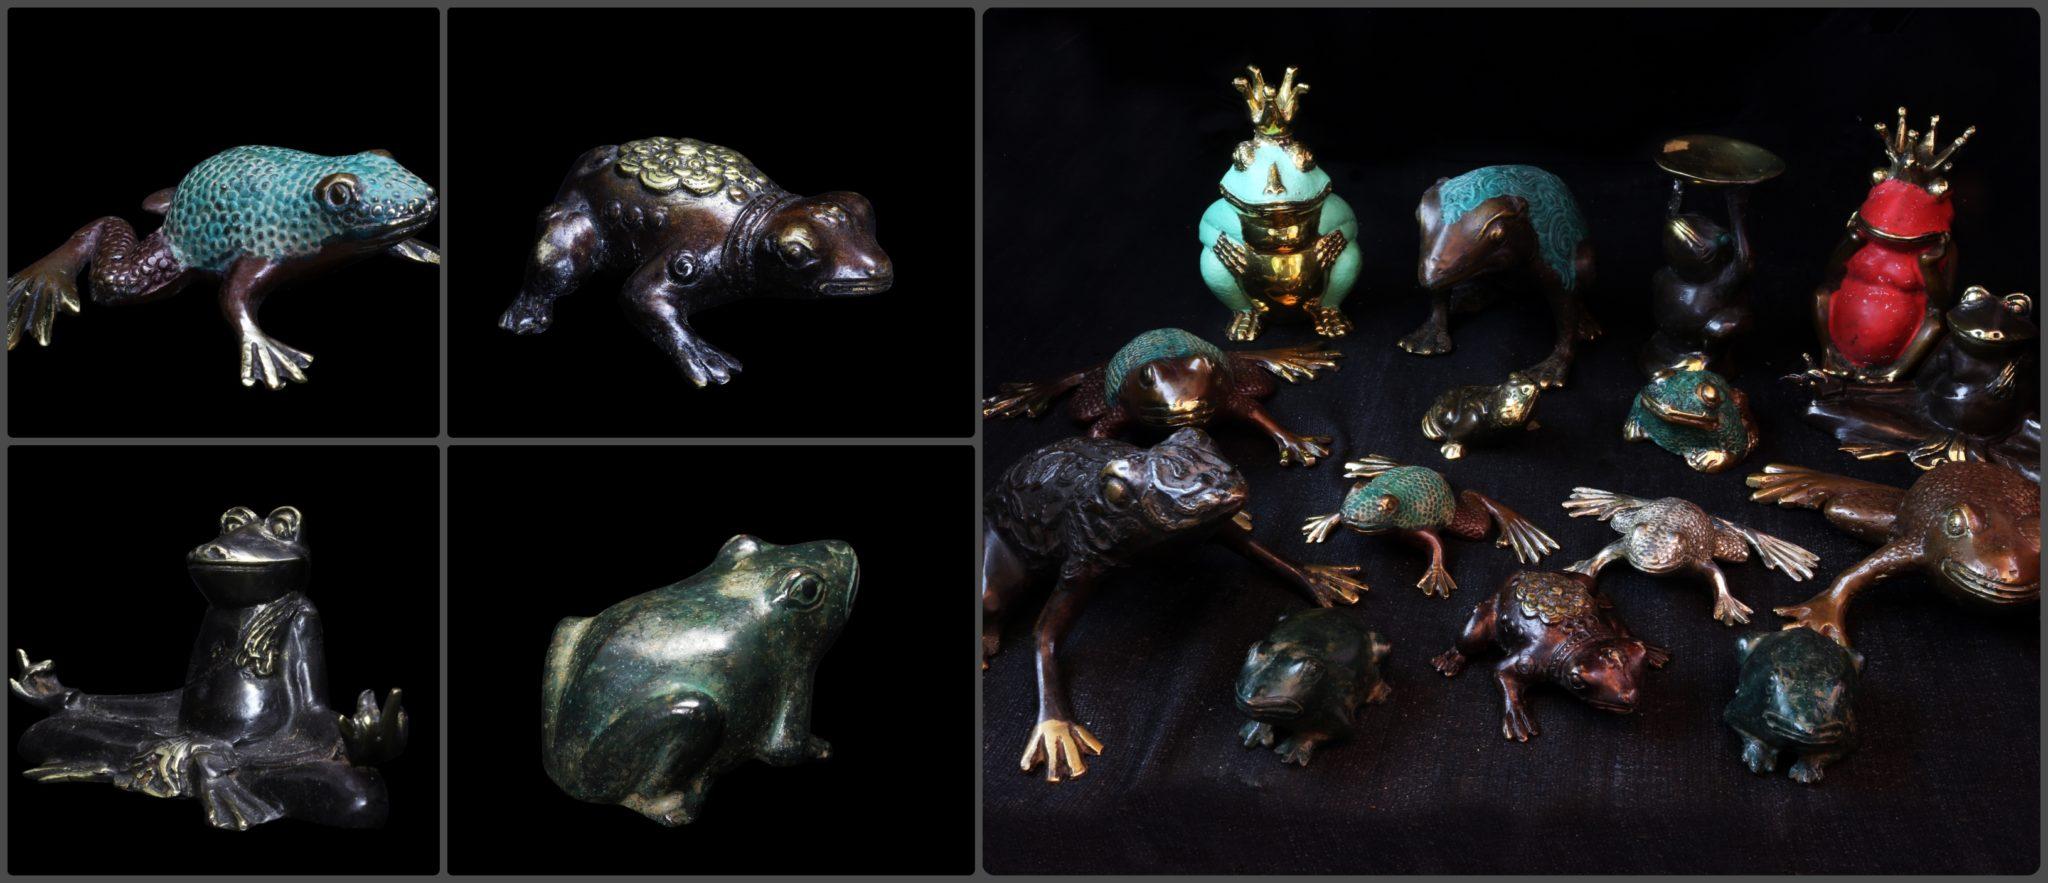 grenouille statue statuette achat paris pas cher mes indes galantes